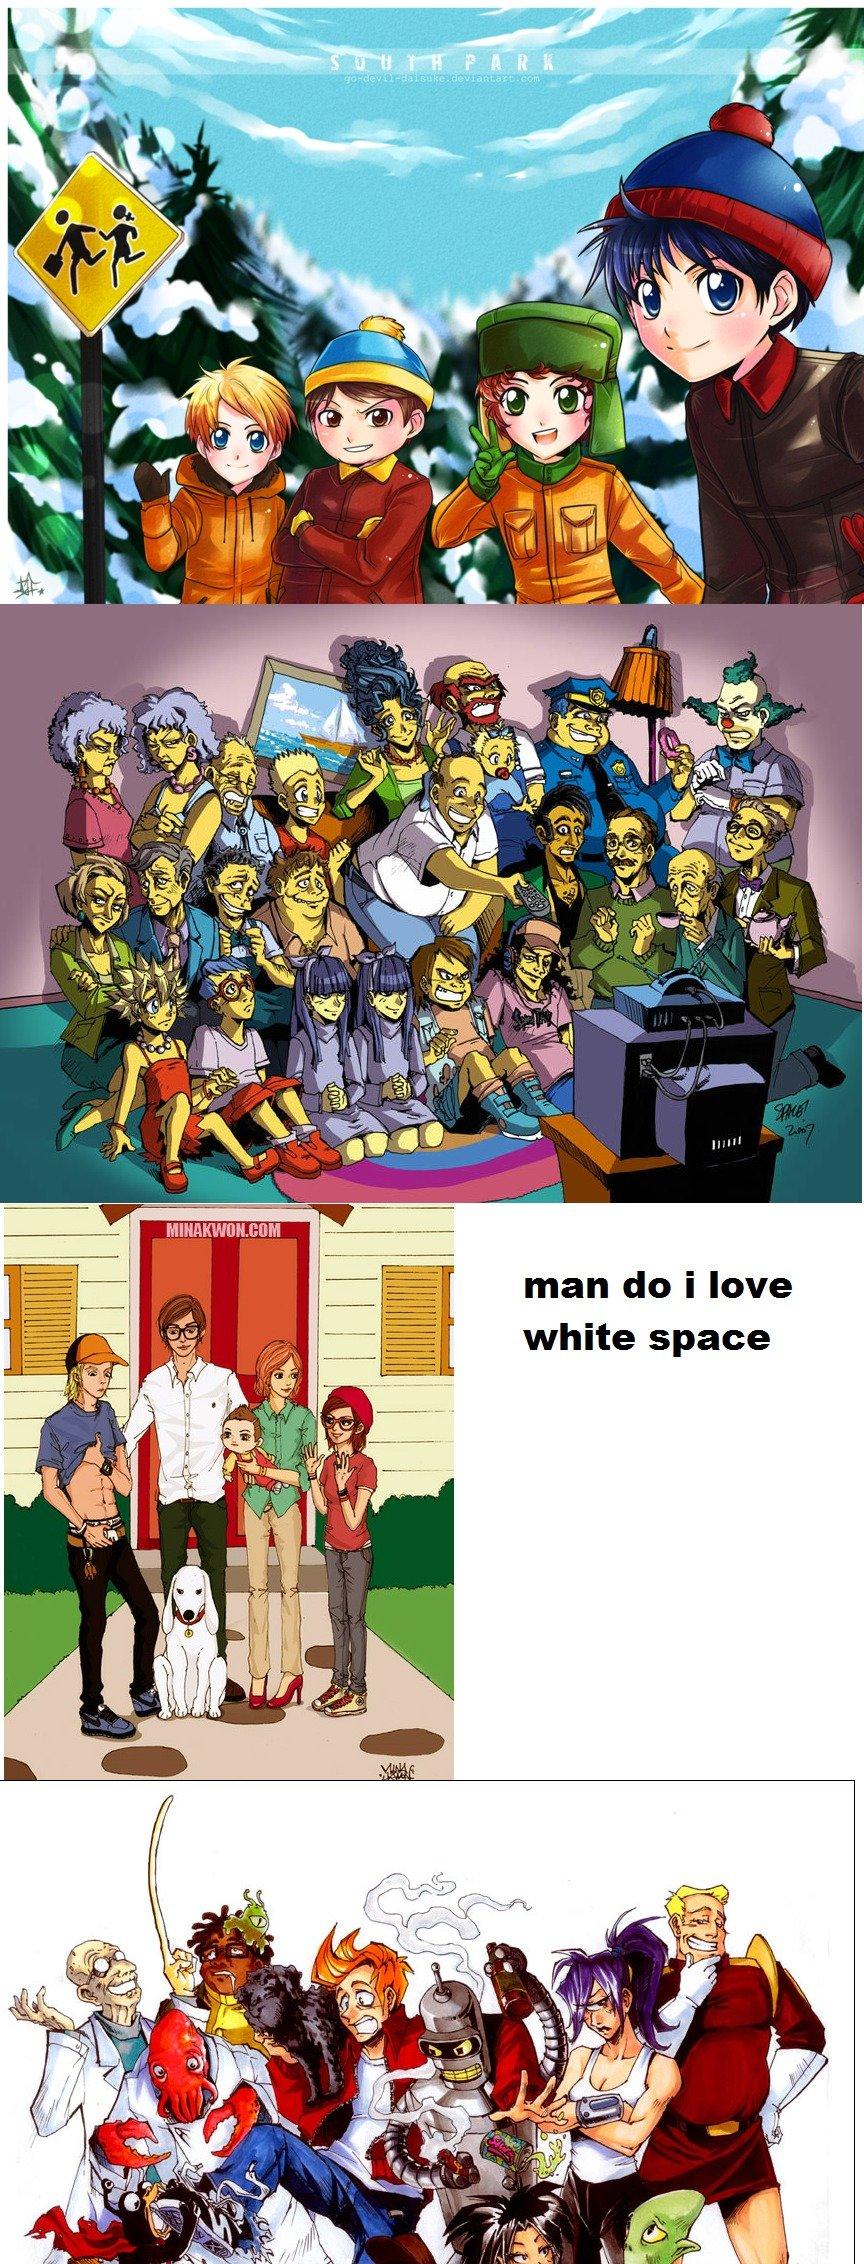 Cartoons into anime